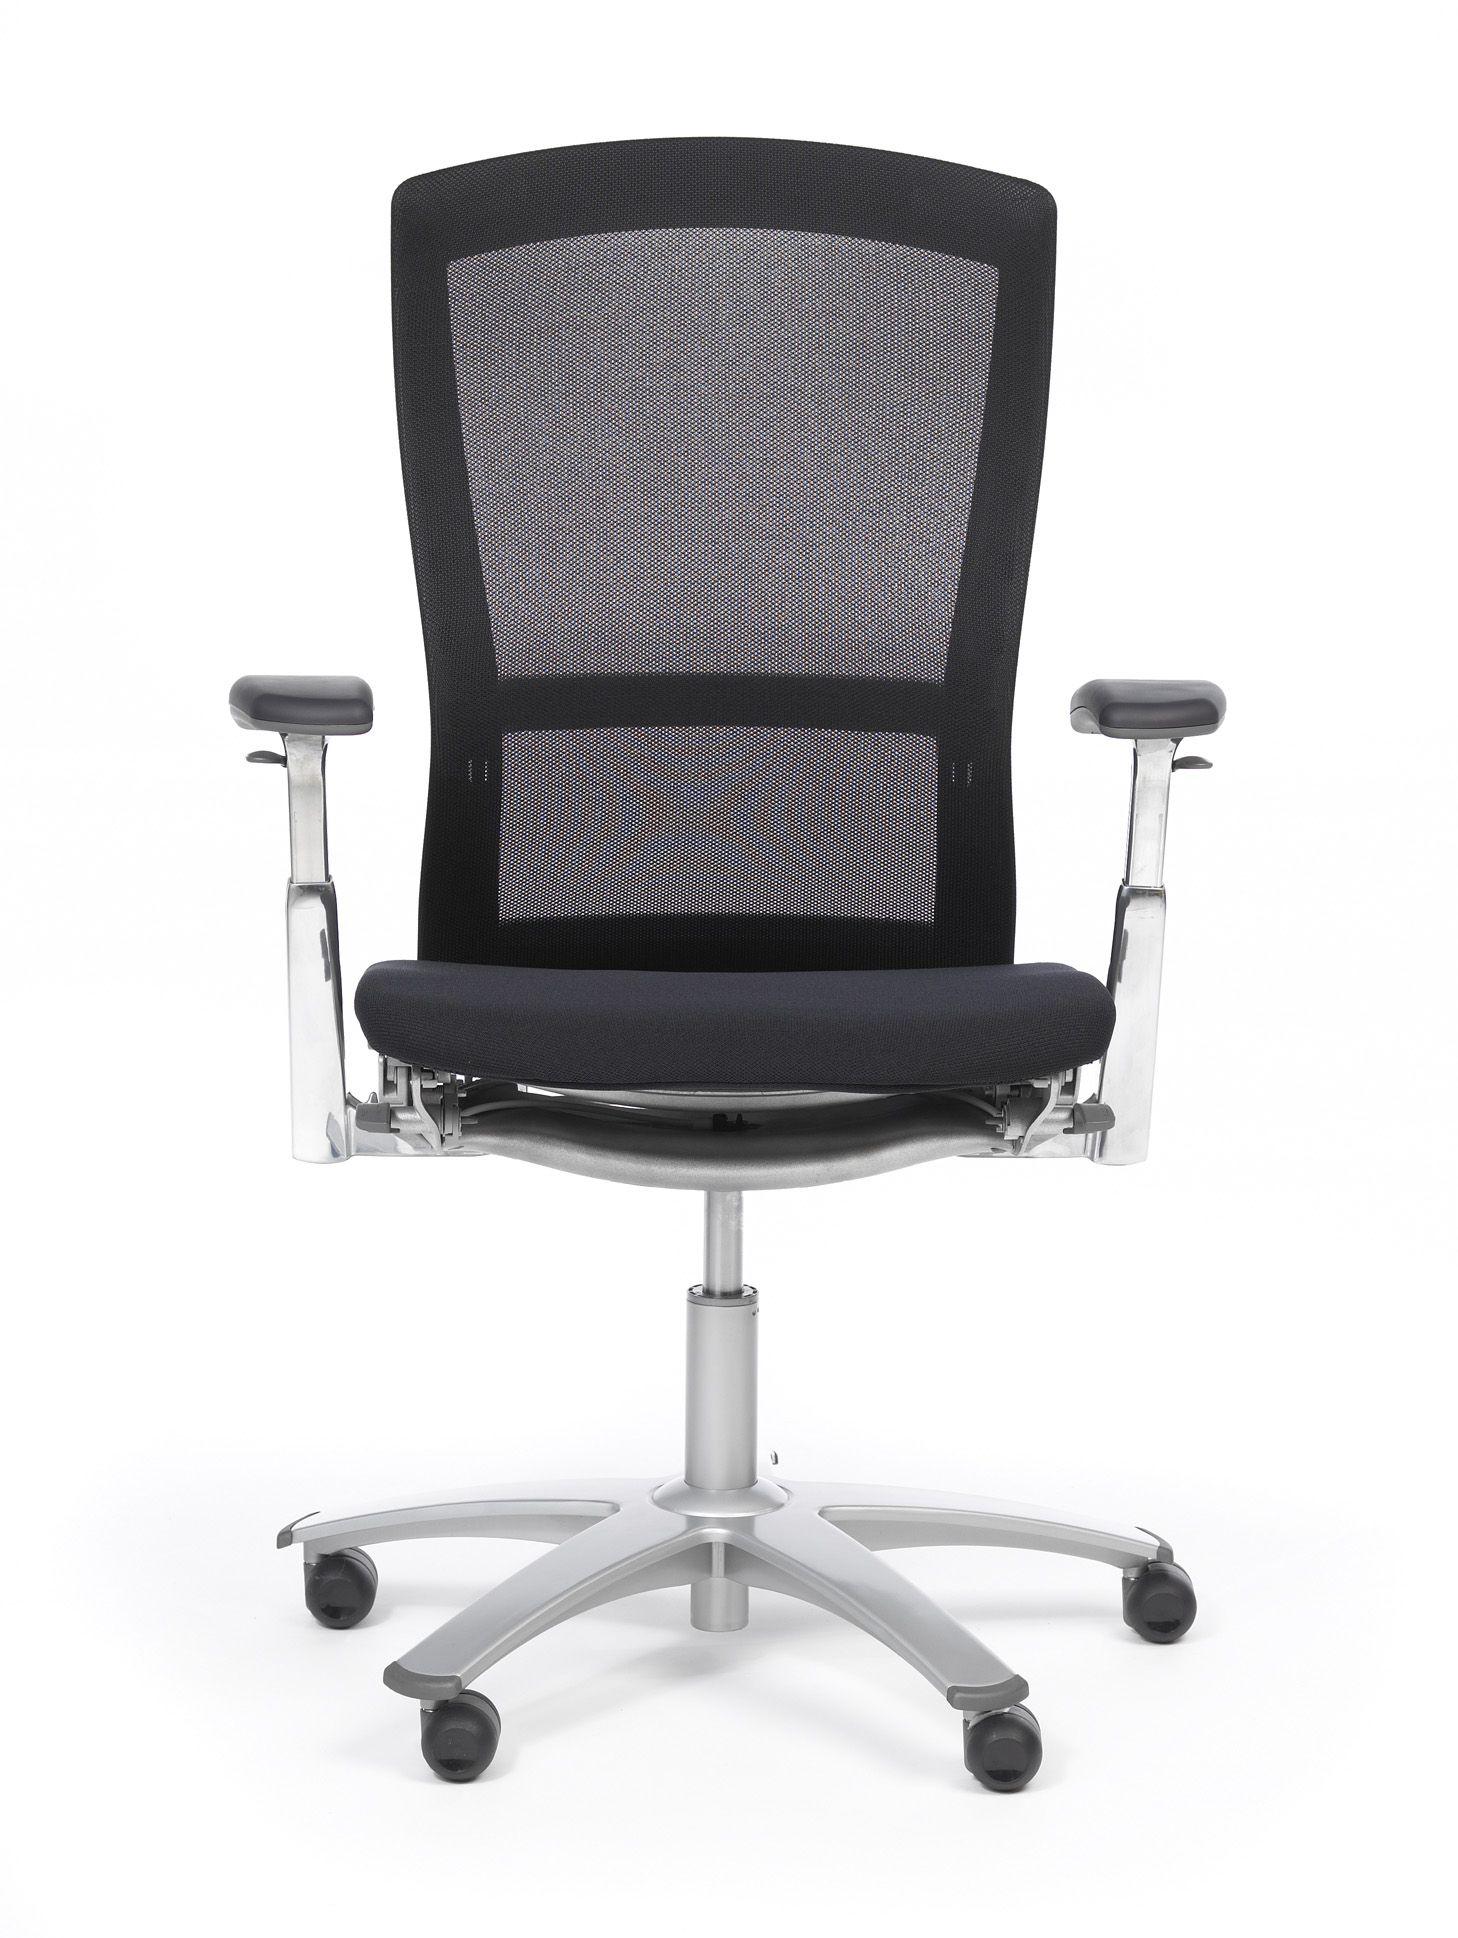 Knoll Life meest elegante bureaustoel met netrug Voor meer